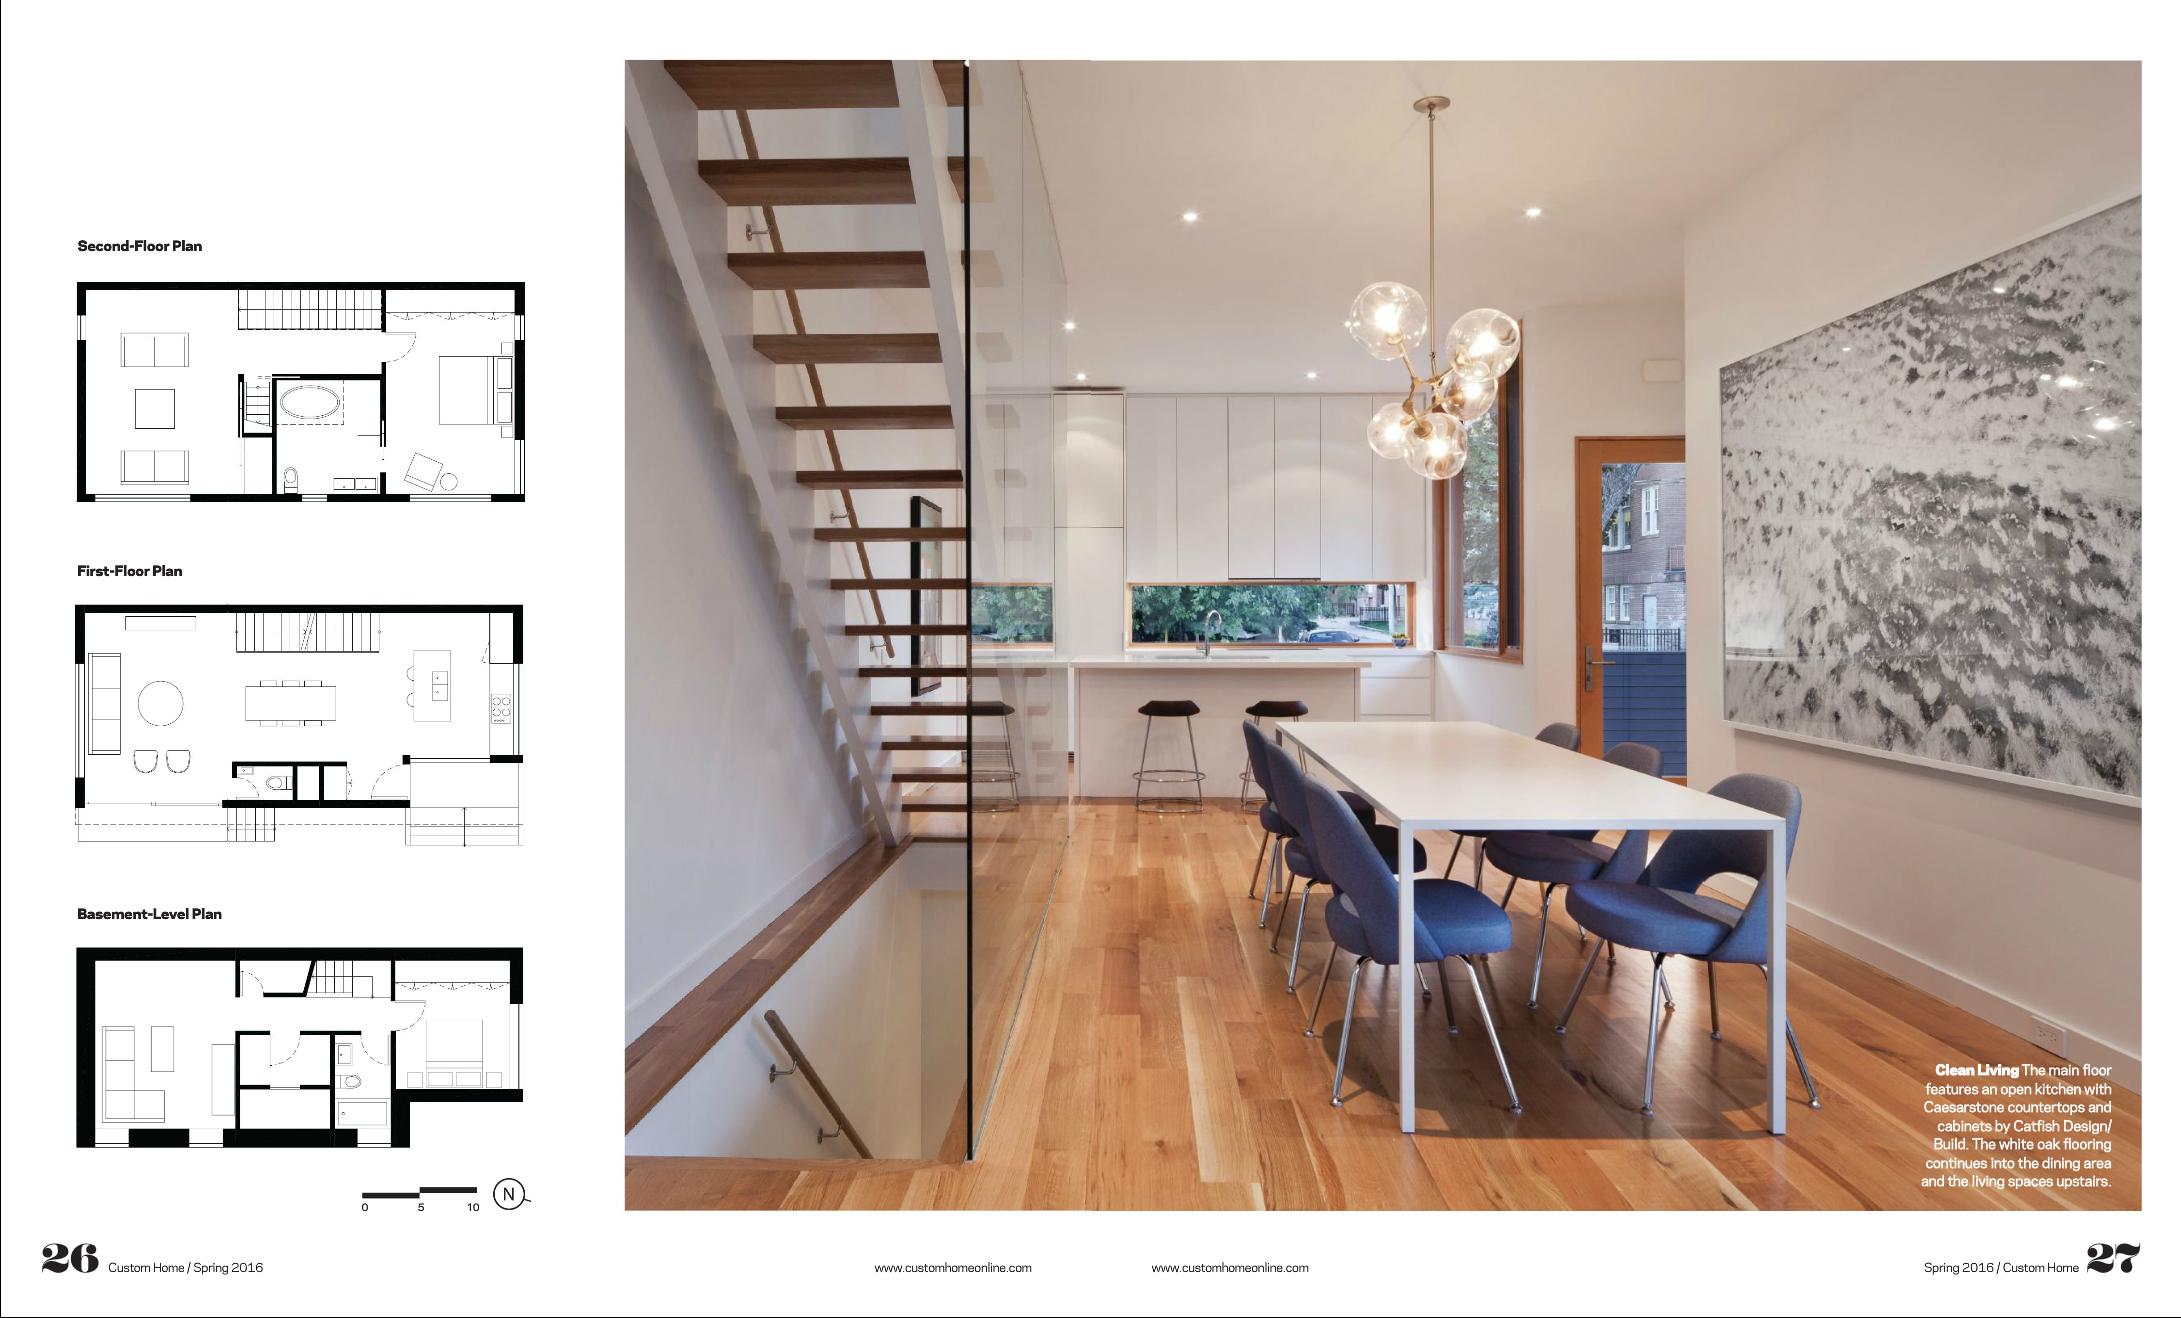 W 160320 custom home 26-27.jpg